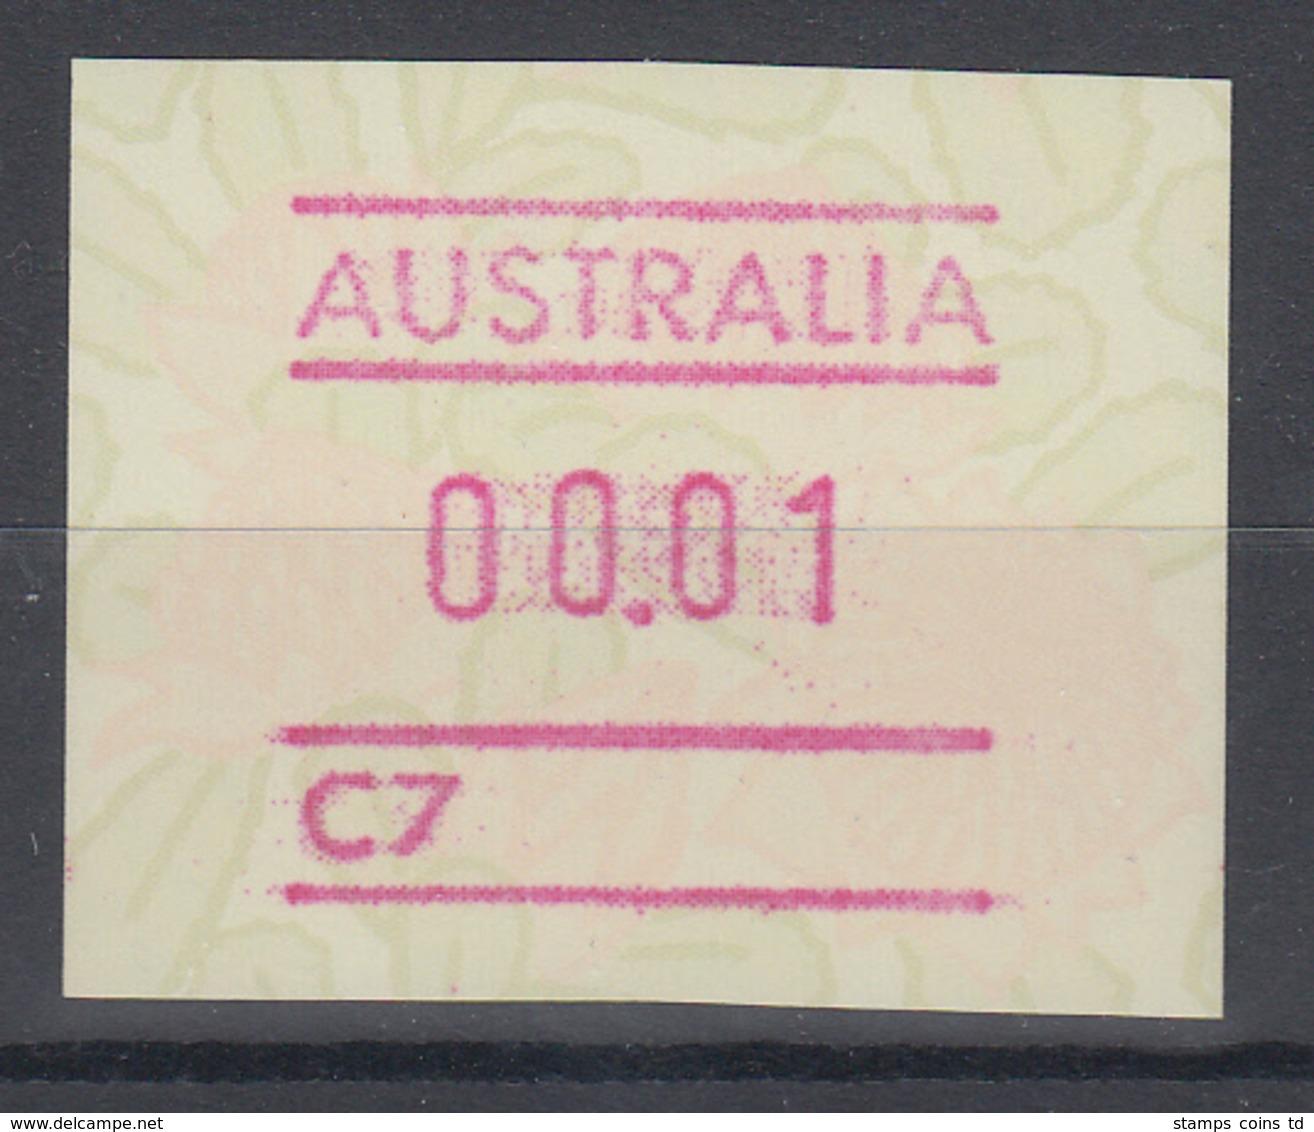 Australien Frama-ATM Waratah-Blume Mit Automatennummer C7 ** - Frankeervignetten (ATM/Frama)